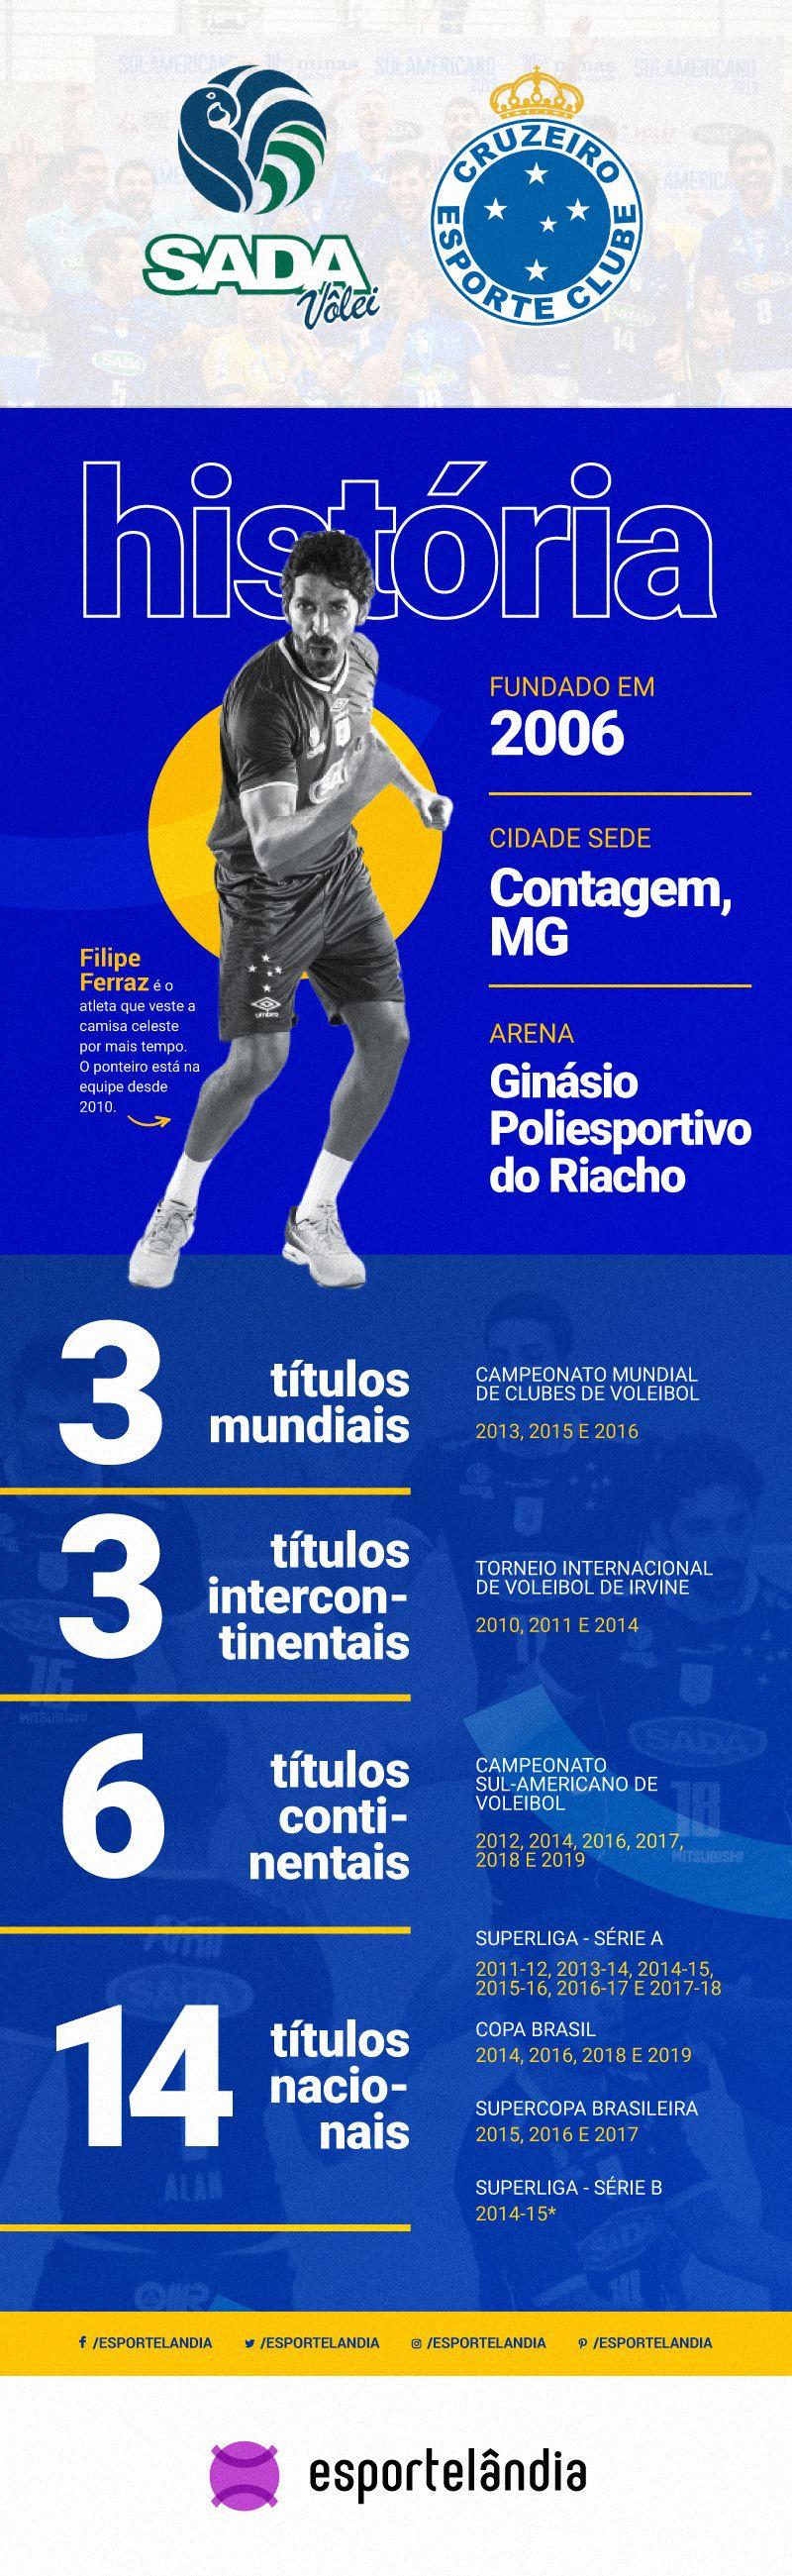 Sada Cruzeiro Historia Titulos Recordes Elenco E Idolos Com